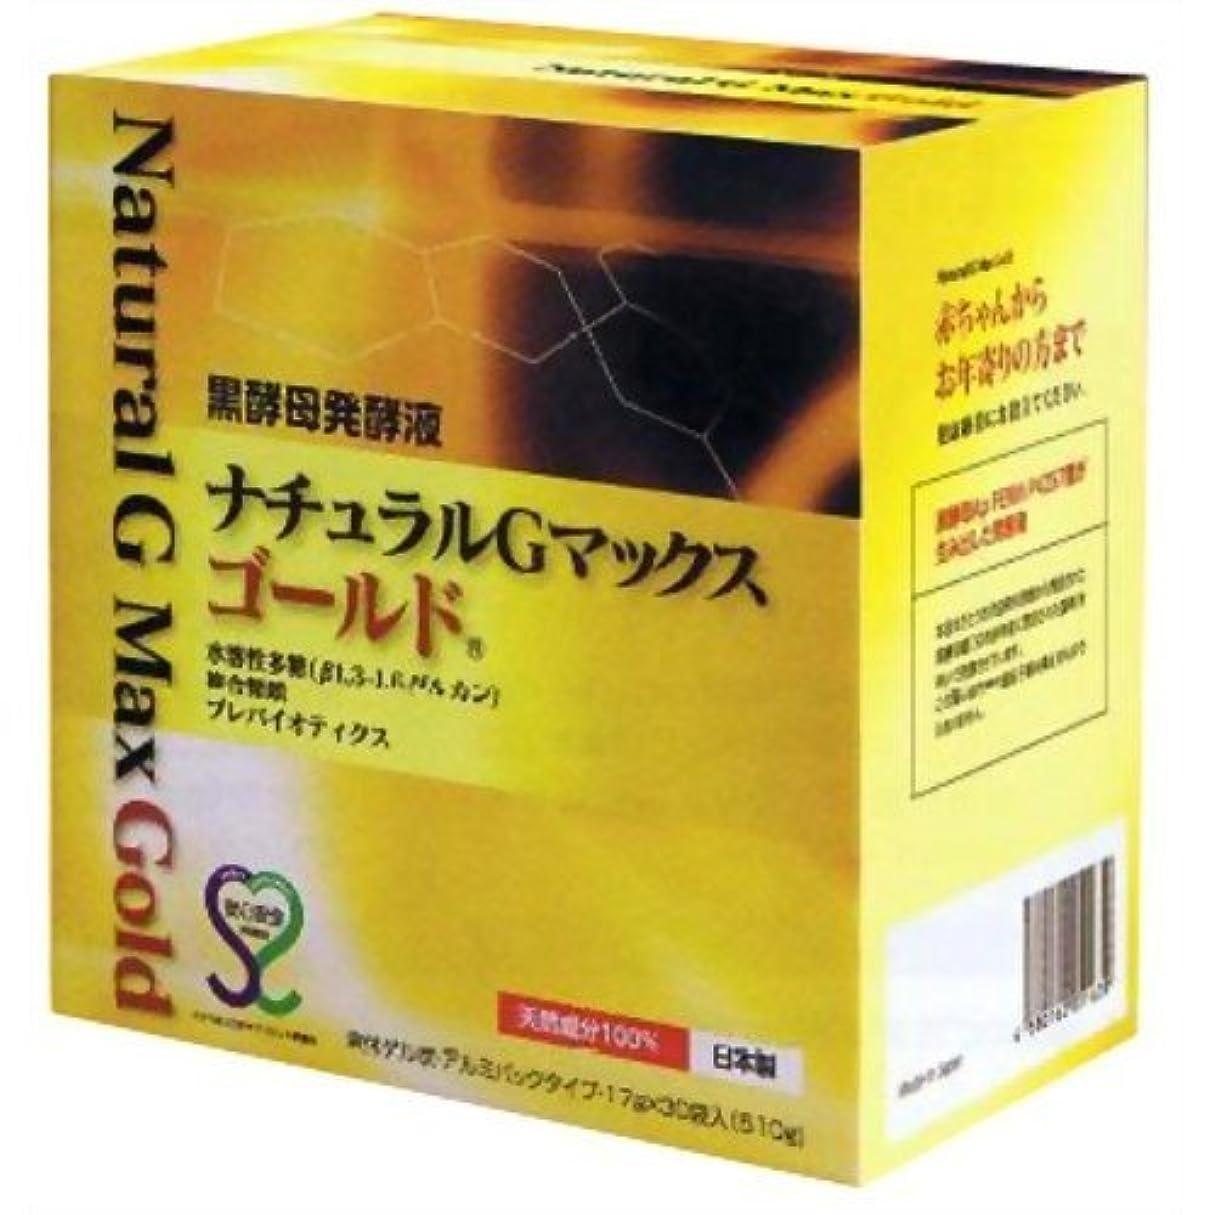 プロフィールスーパー真似る黒酵母発酵液 ナチュラルGマックスゴールド 17g×30袋